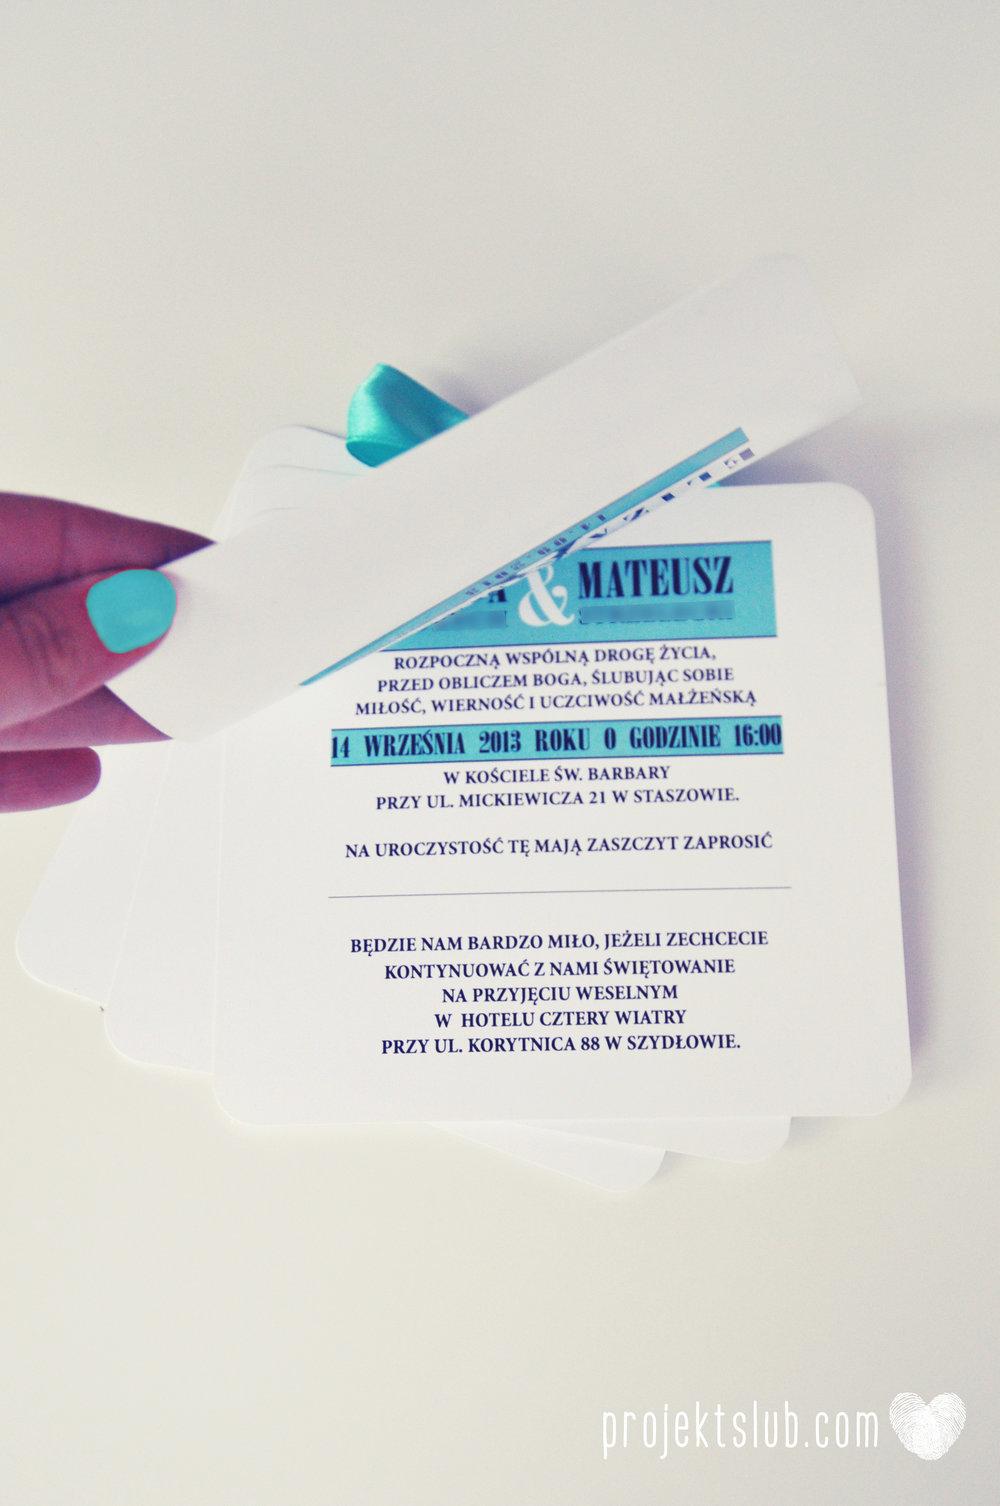 zaproszenia ślubne fashionelki wieża eiffel paryż piktogramy elegancki minimalizm błękit kolor tiffany zdjęcie narzeczonych Projekt Ślub (24).JPG